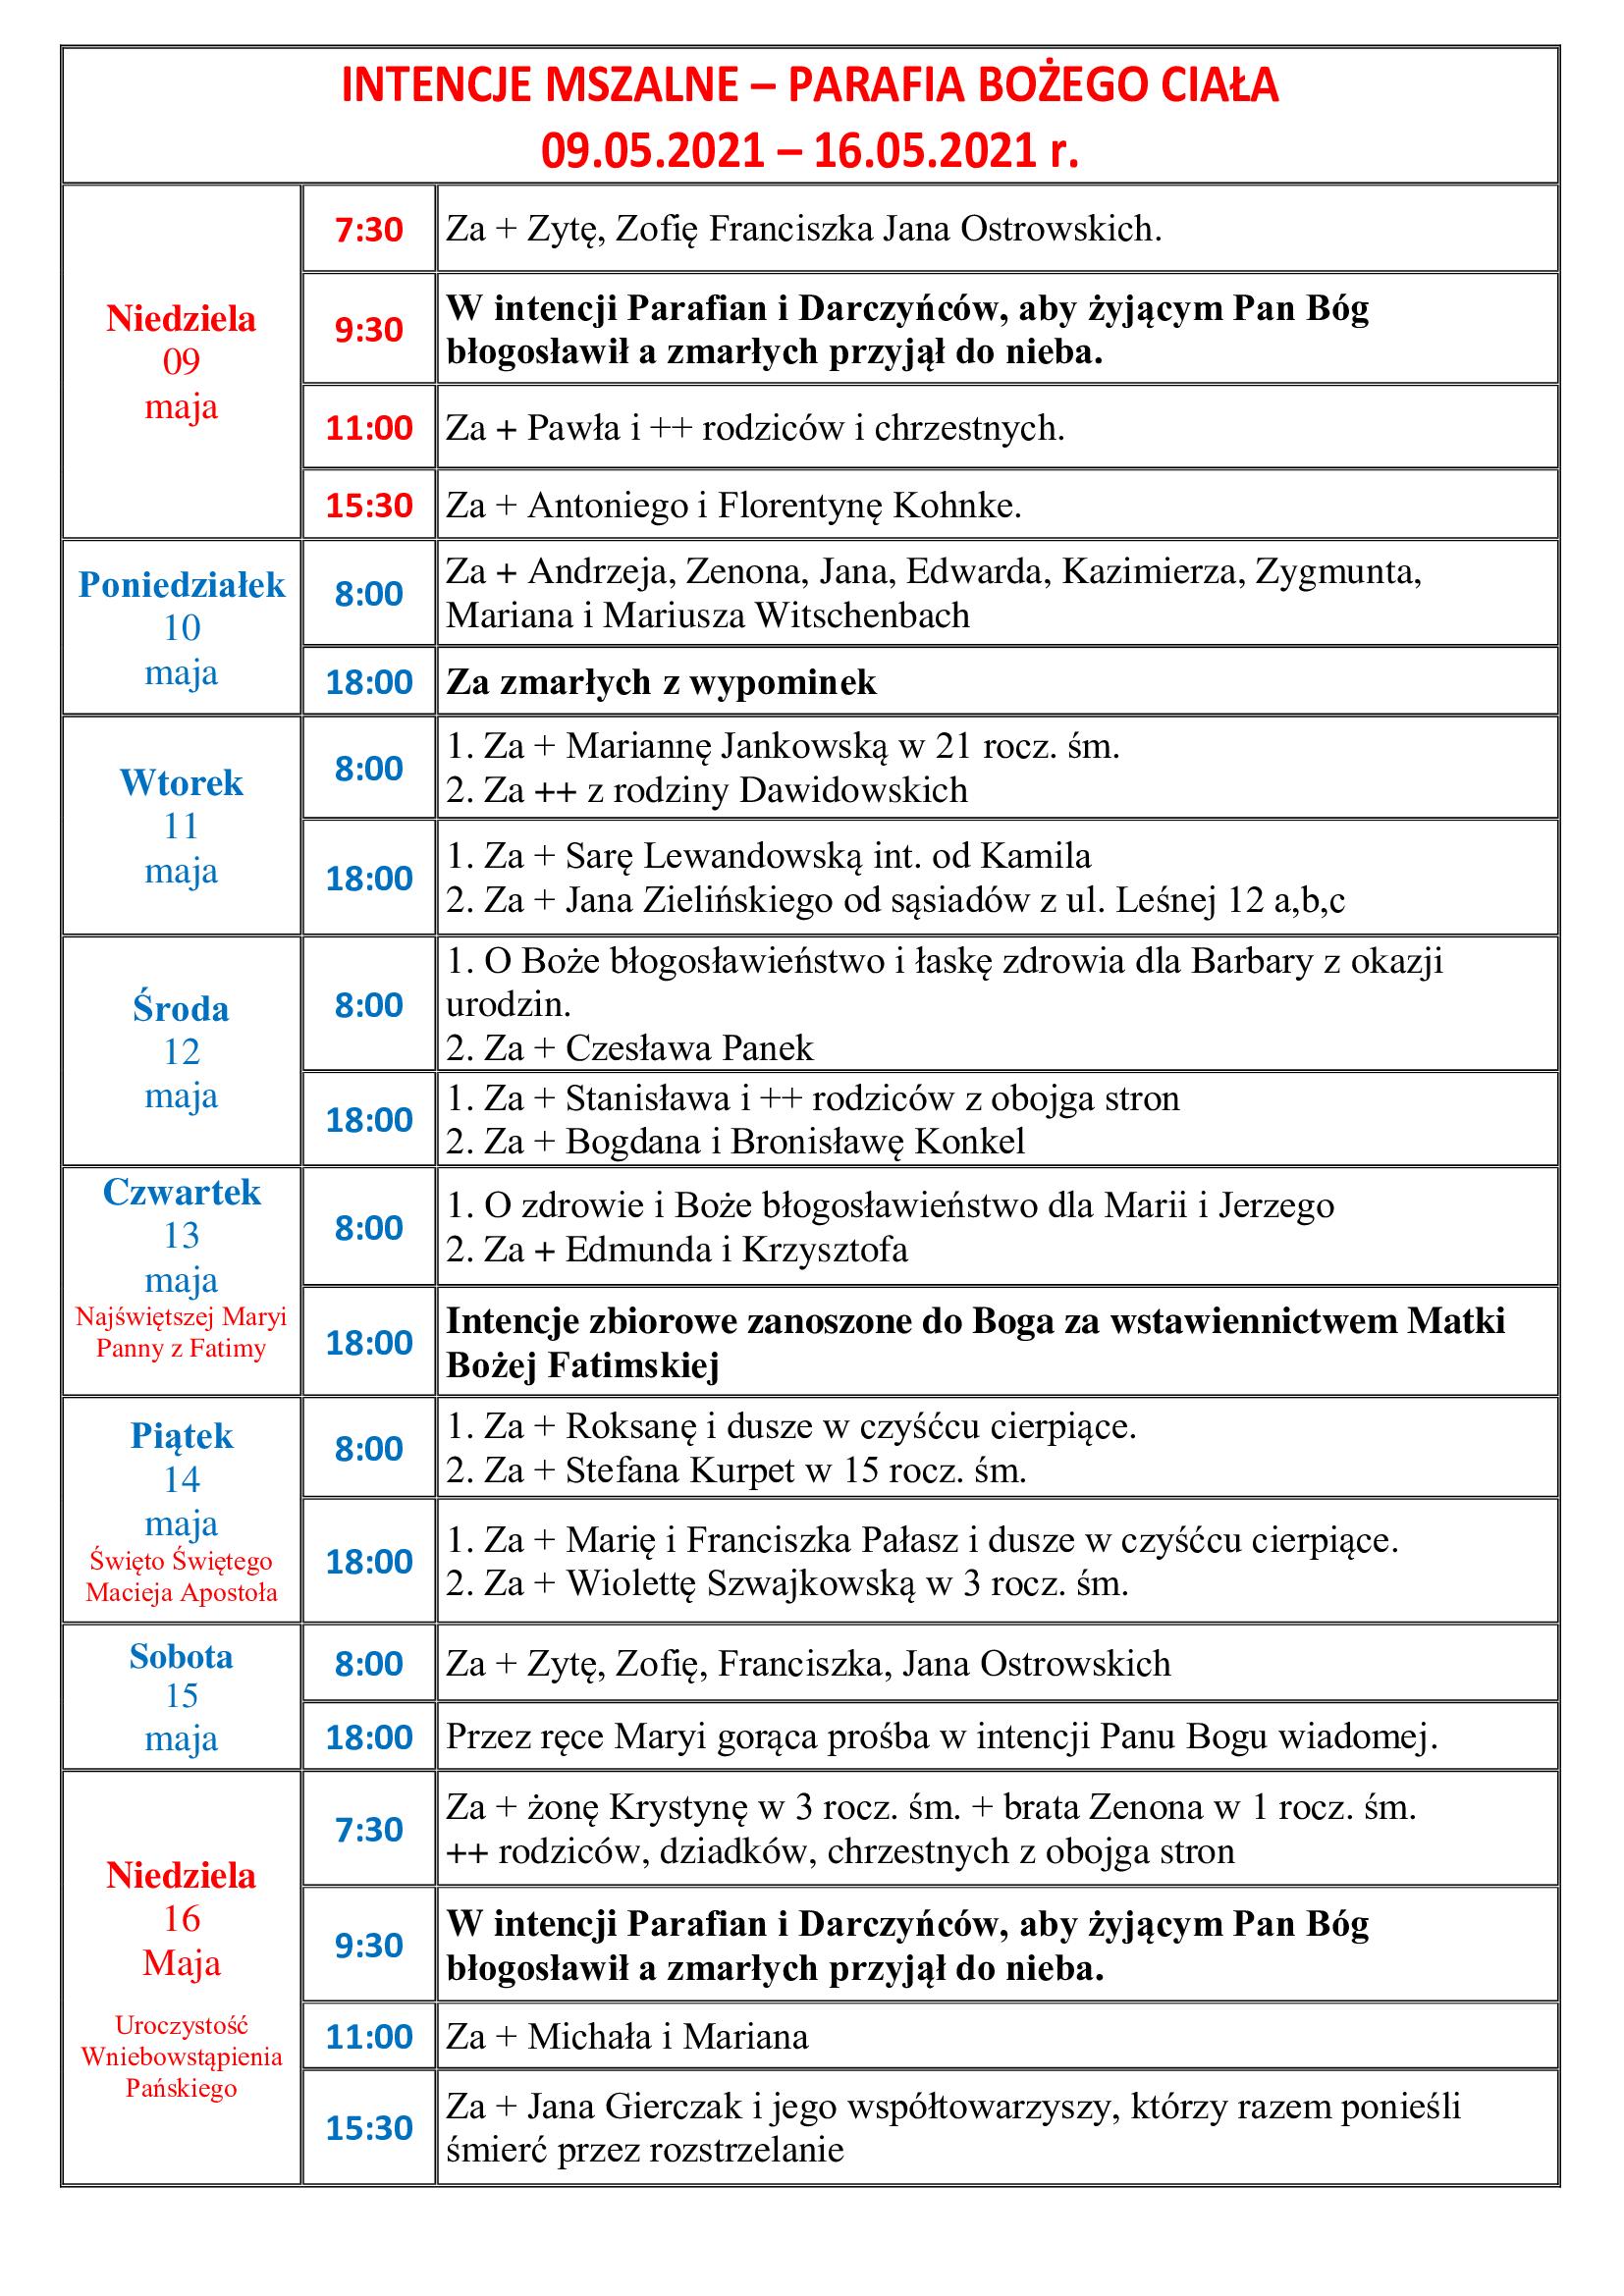 intencje-mszalne-09-05-2021-16-05-2021-r